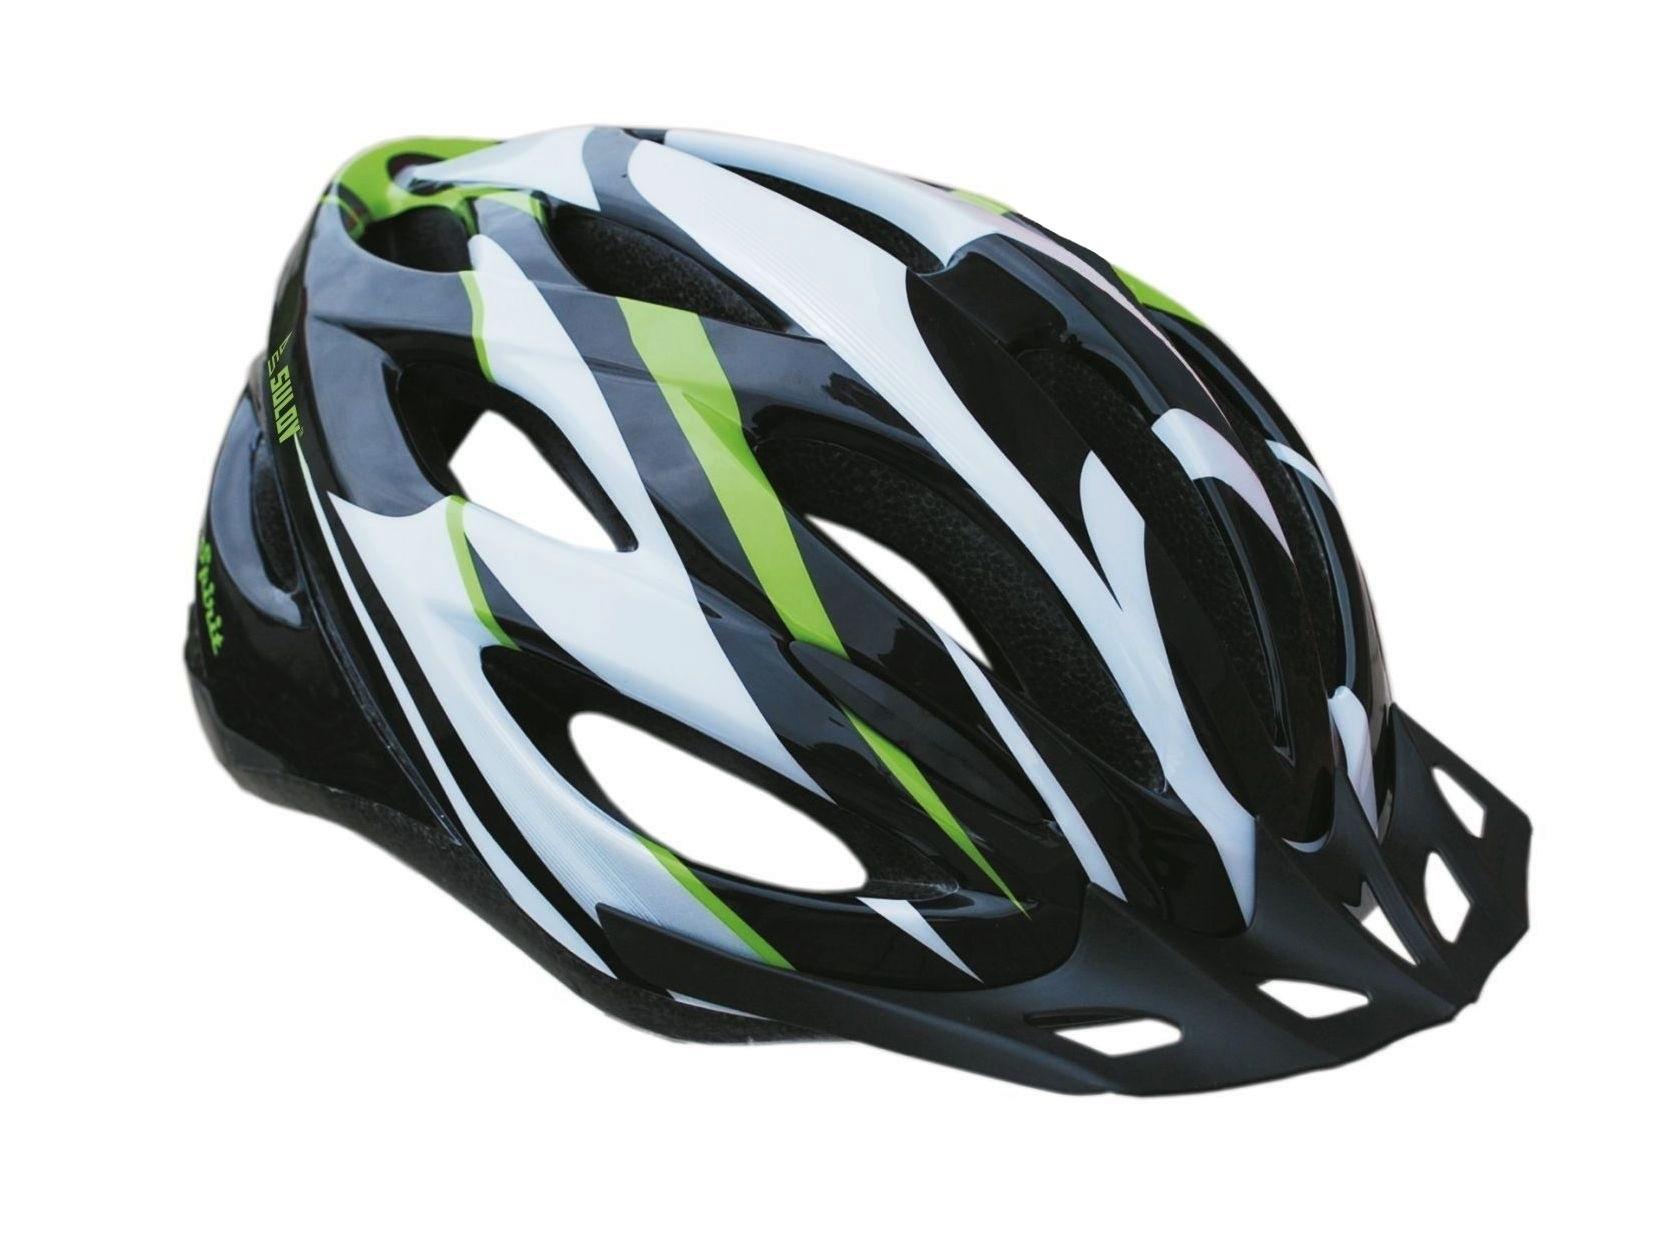 Cyklo helma SULOV SPIRIT, vel. M, černo-zelená